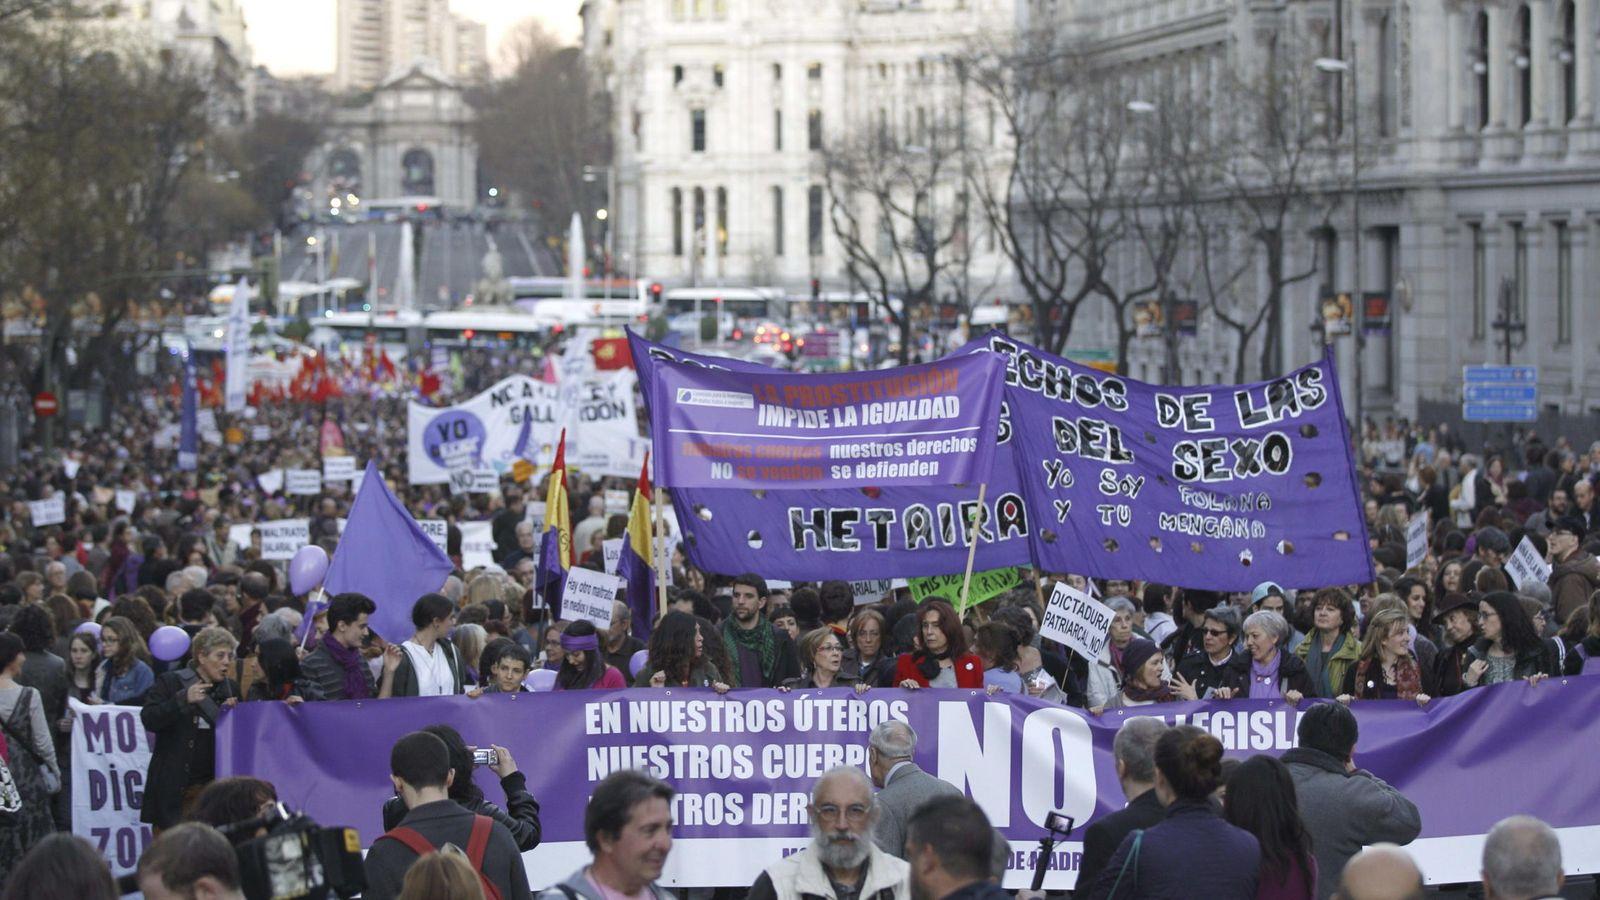 Foto: Manifestación que el movimiento feminista de Madrid convocó el pasado año coincidiendo con el Día Internacional de la Mujer. (EFE)